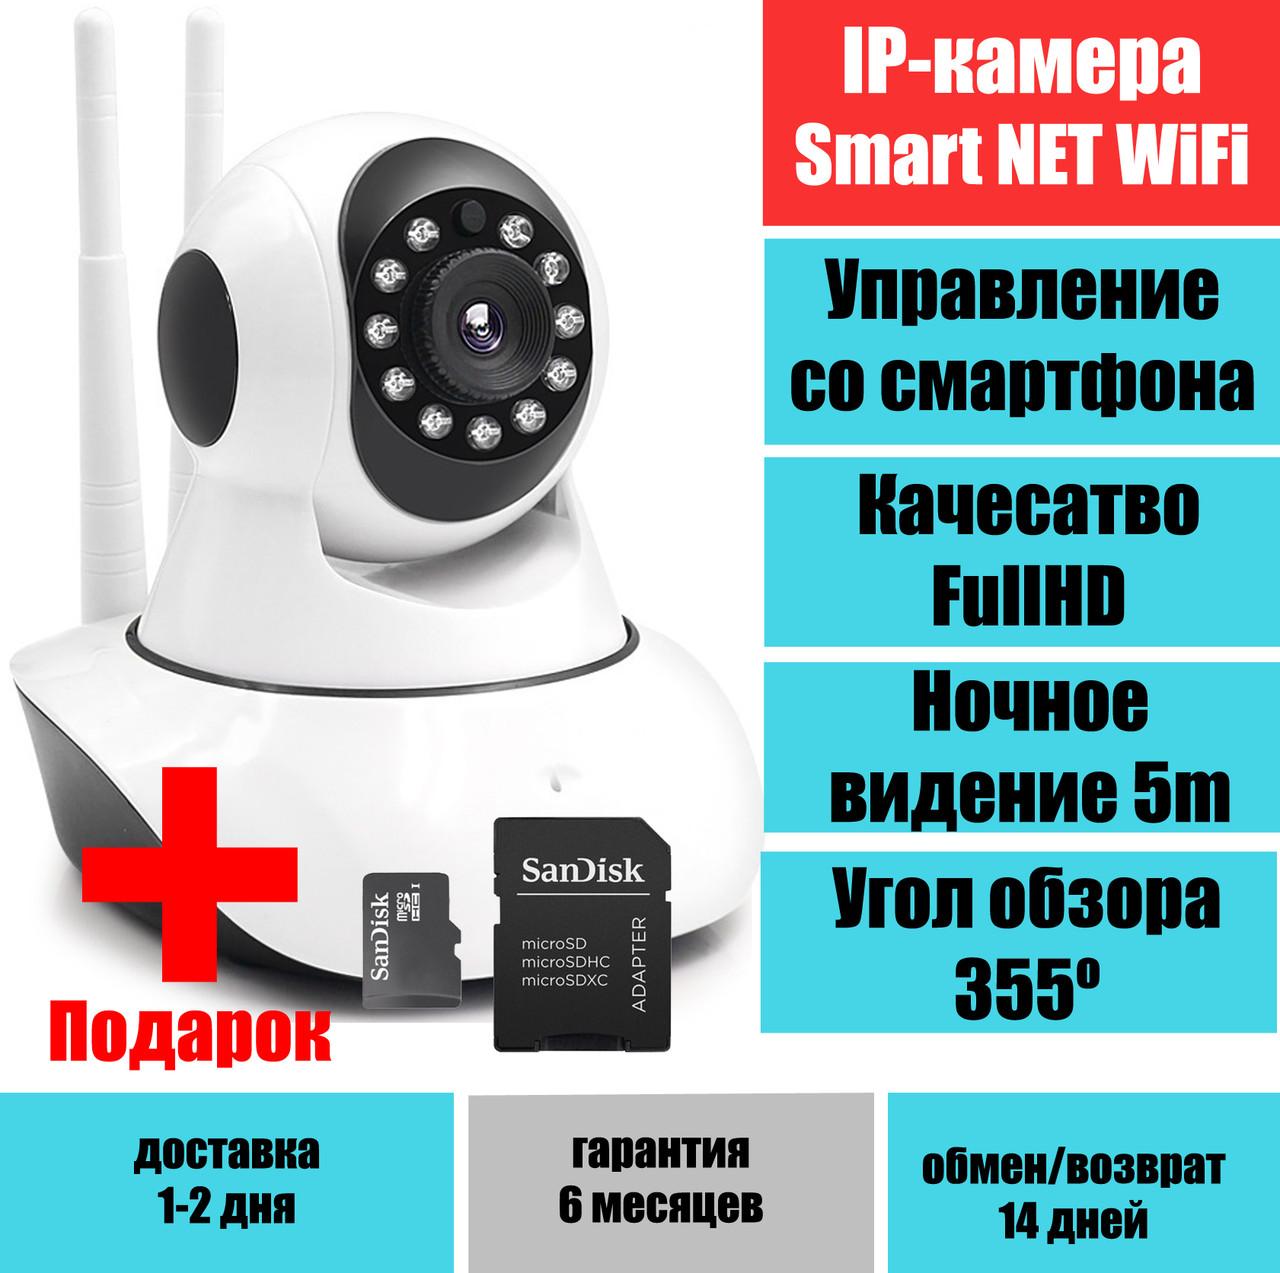 IP камера Smart NET WiFi V380 беспроводная поворотная 360 градусов (видео няня) три антенны удаленный доступ